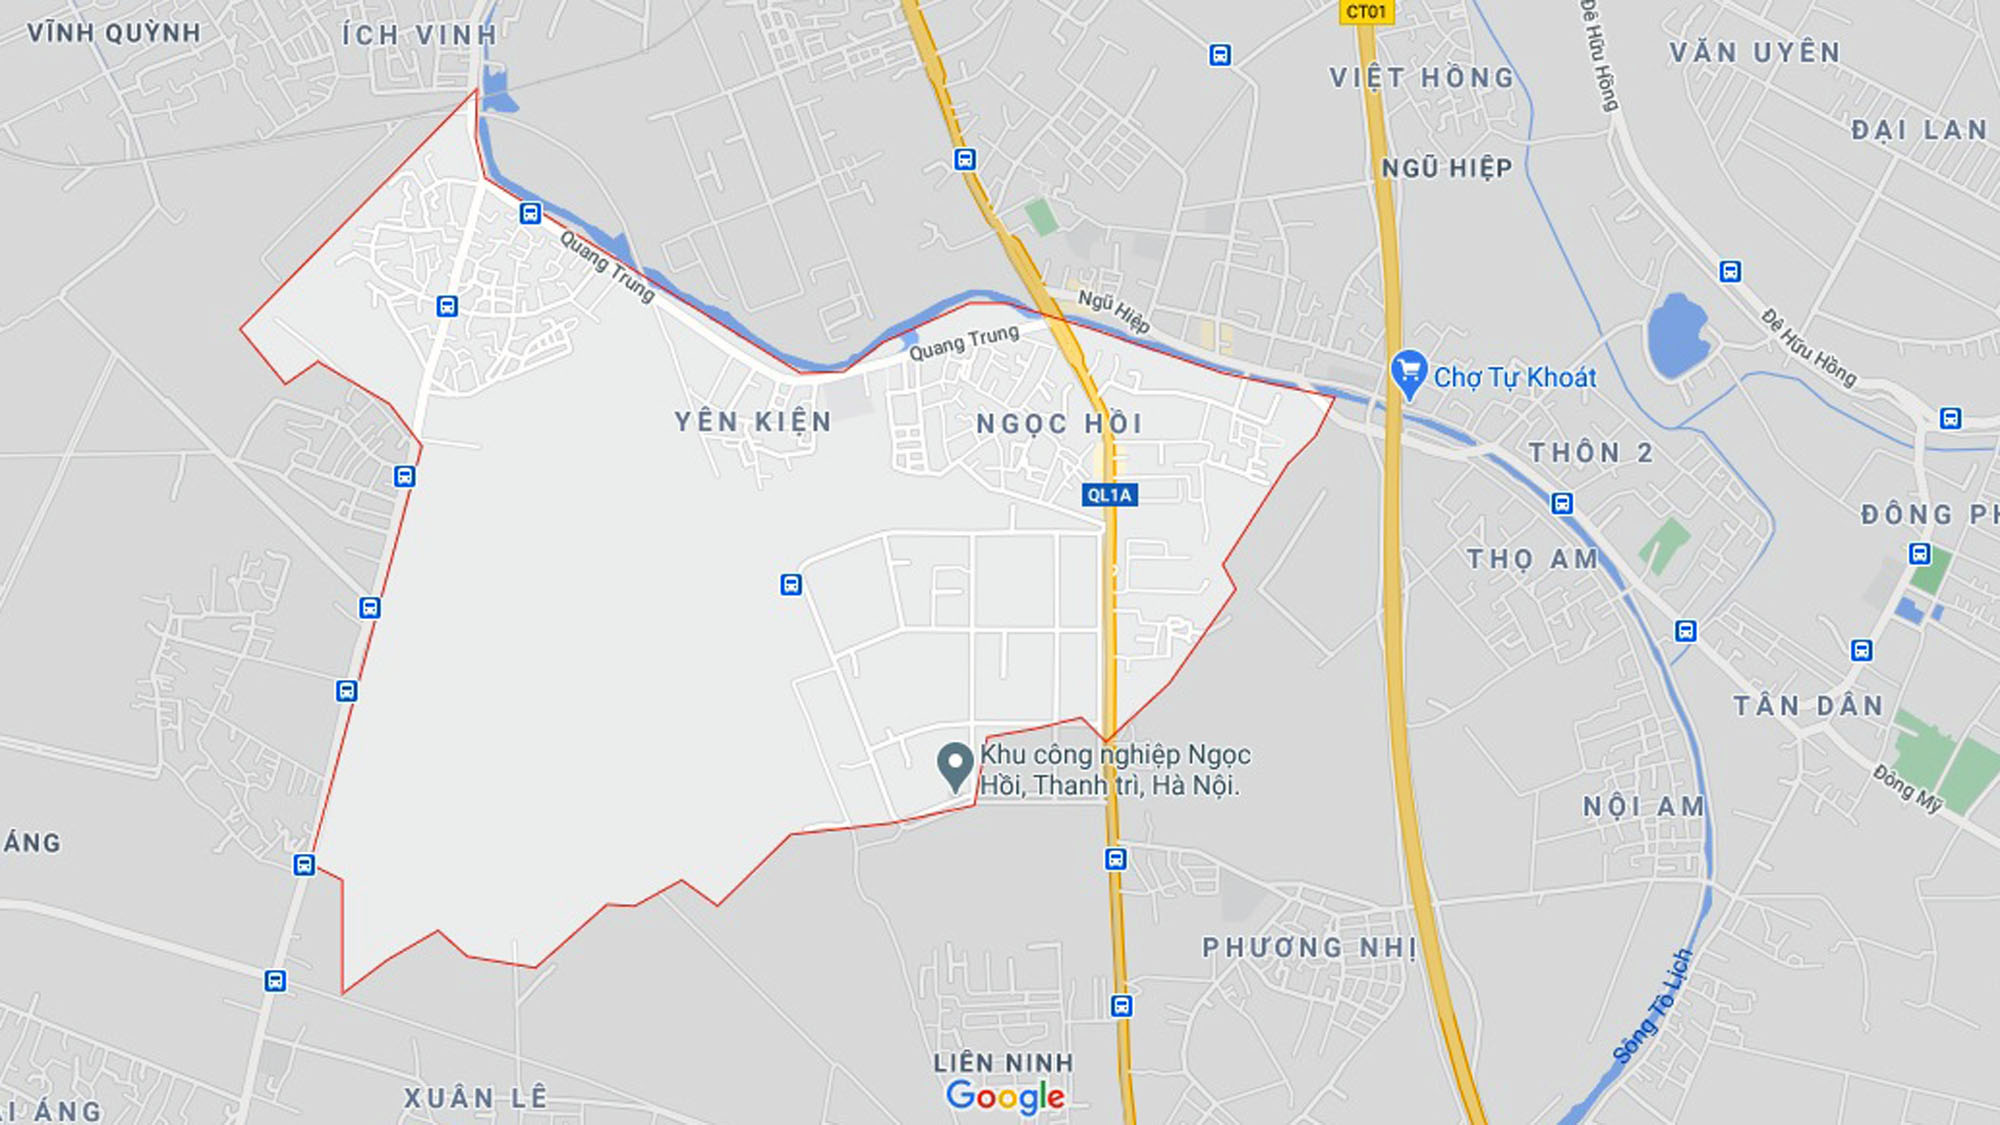 Ba đường sẽ mở theo quy hoạch ở xã Ngọc Hồi, Thanh Trì, Hà Nội - Ảnh 1.